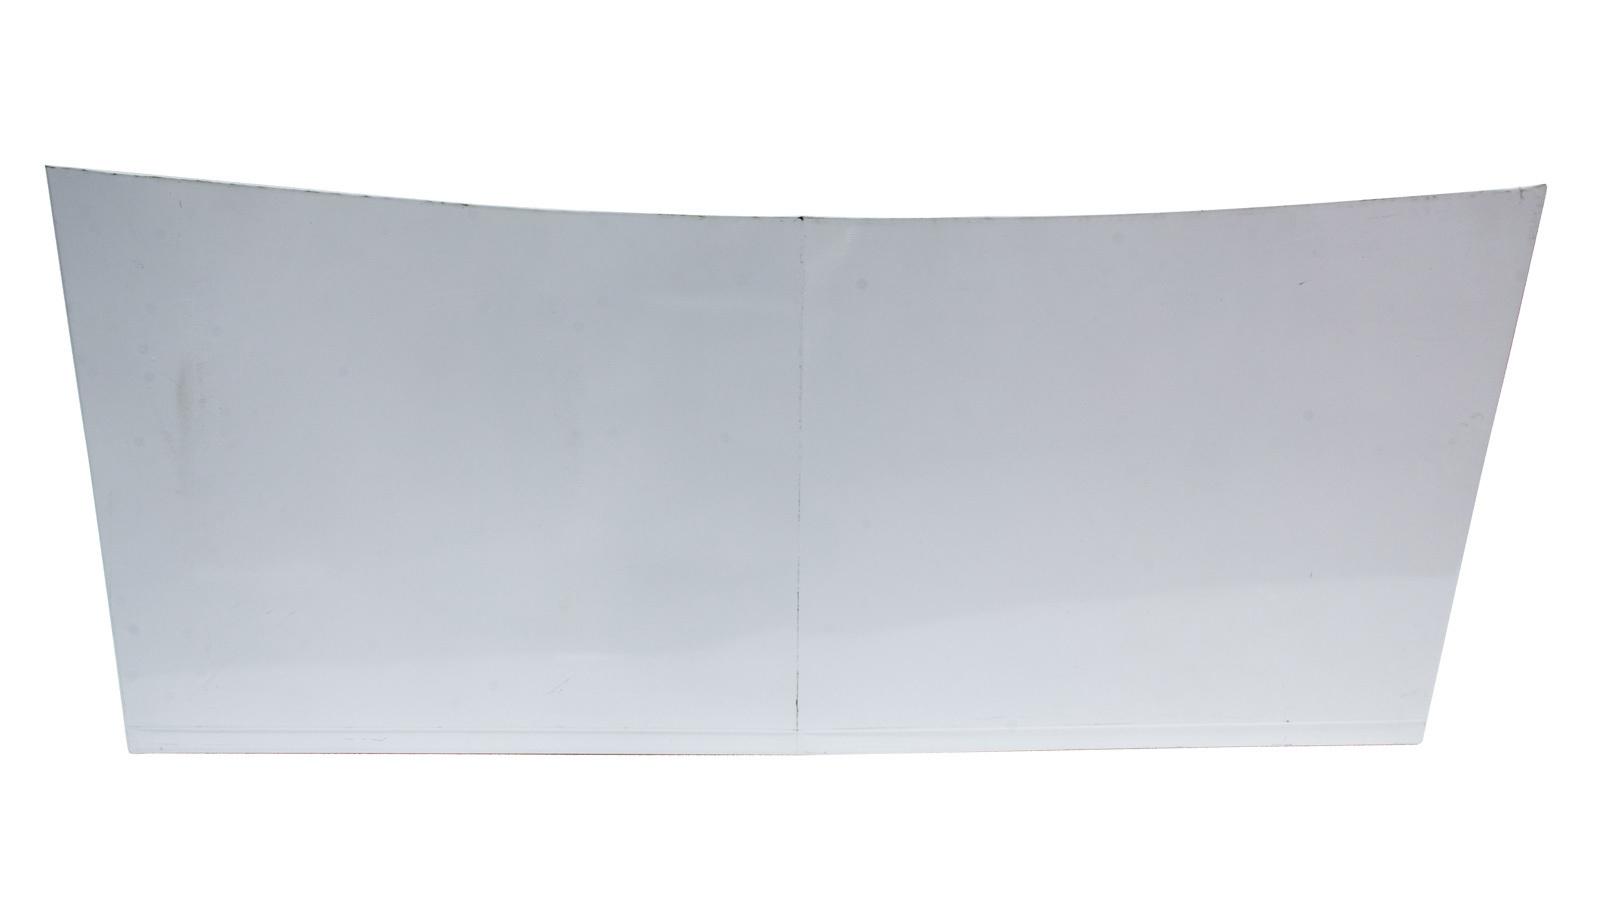 Fivestar 88 Monte Steel Deck Lid Filler